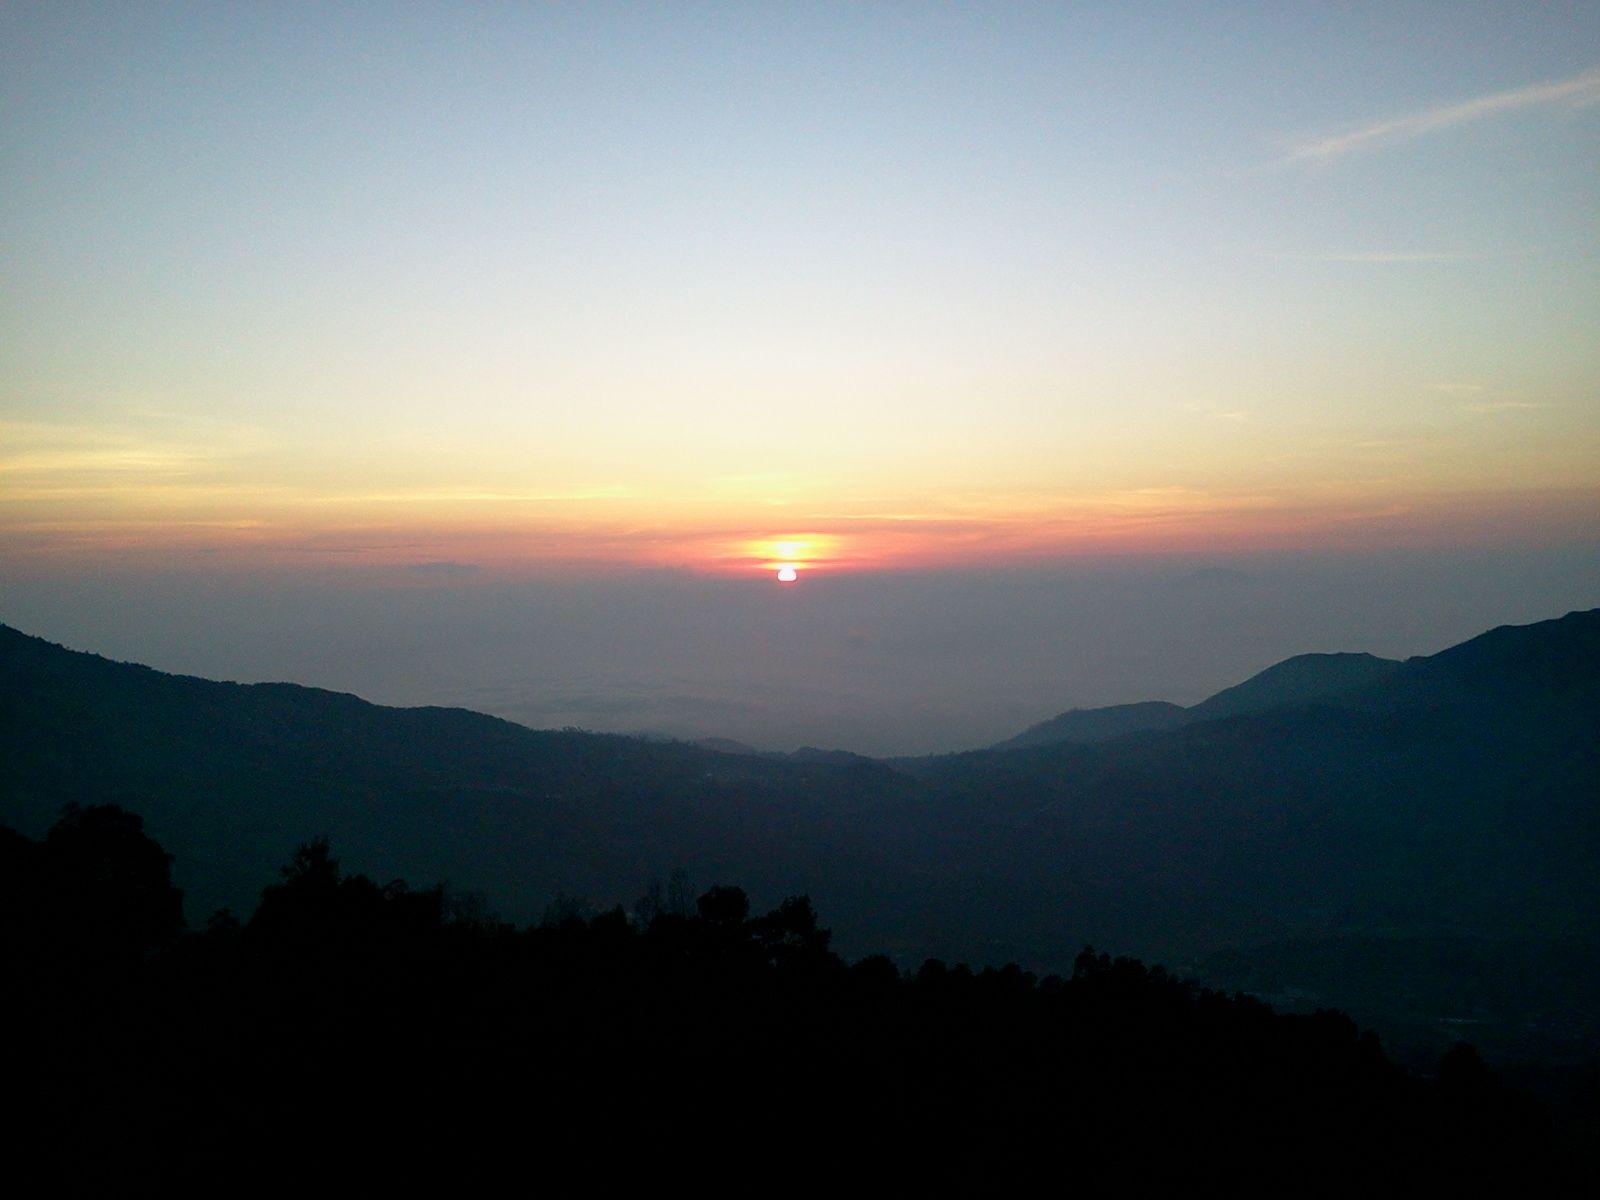 Dataran Tinggi Dieng Tidak Hanya Menyuguhkan Kemegahan Dan Keindahan Candi Saja Tetapi Anda Bisa Juga Menikmati Sunrise Terbaik Di Indone Candi Alam Indonesia